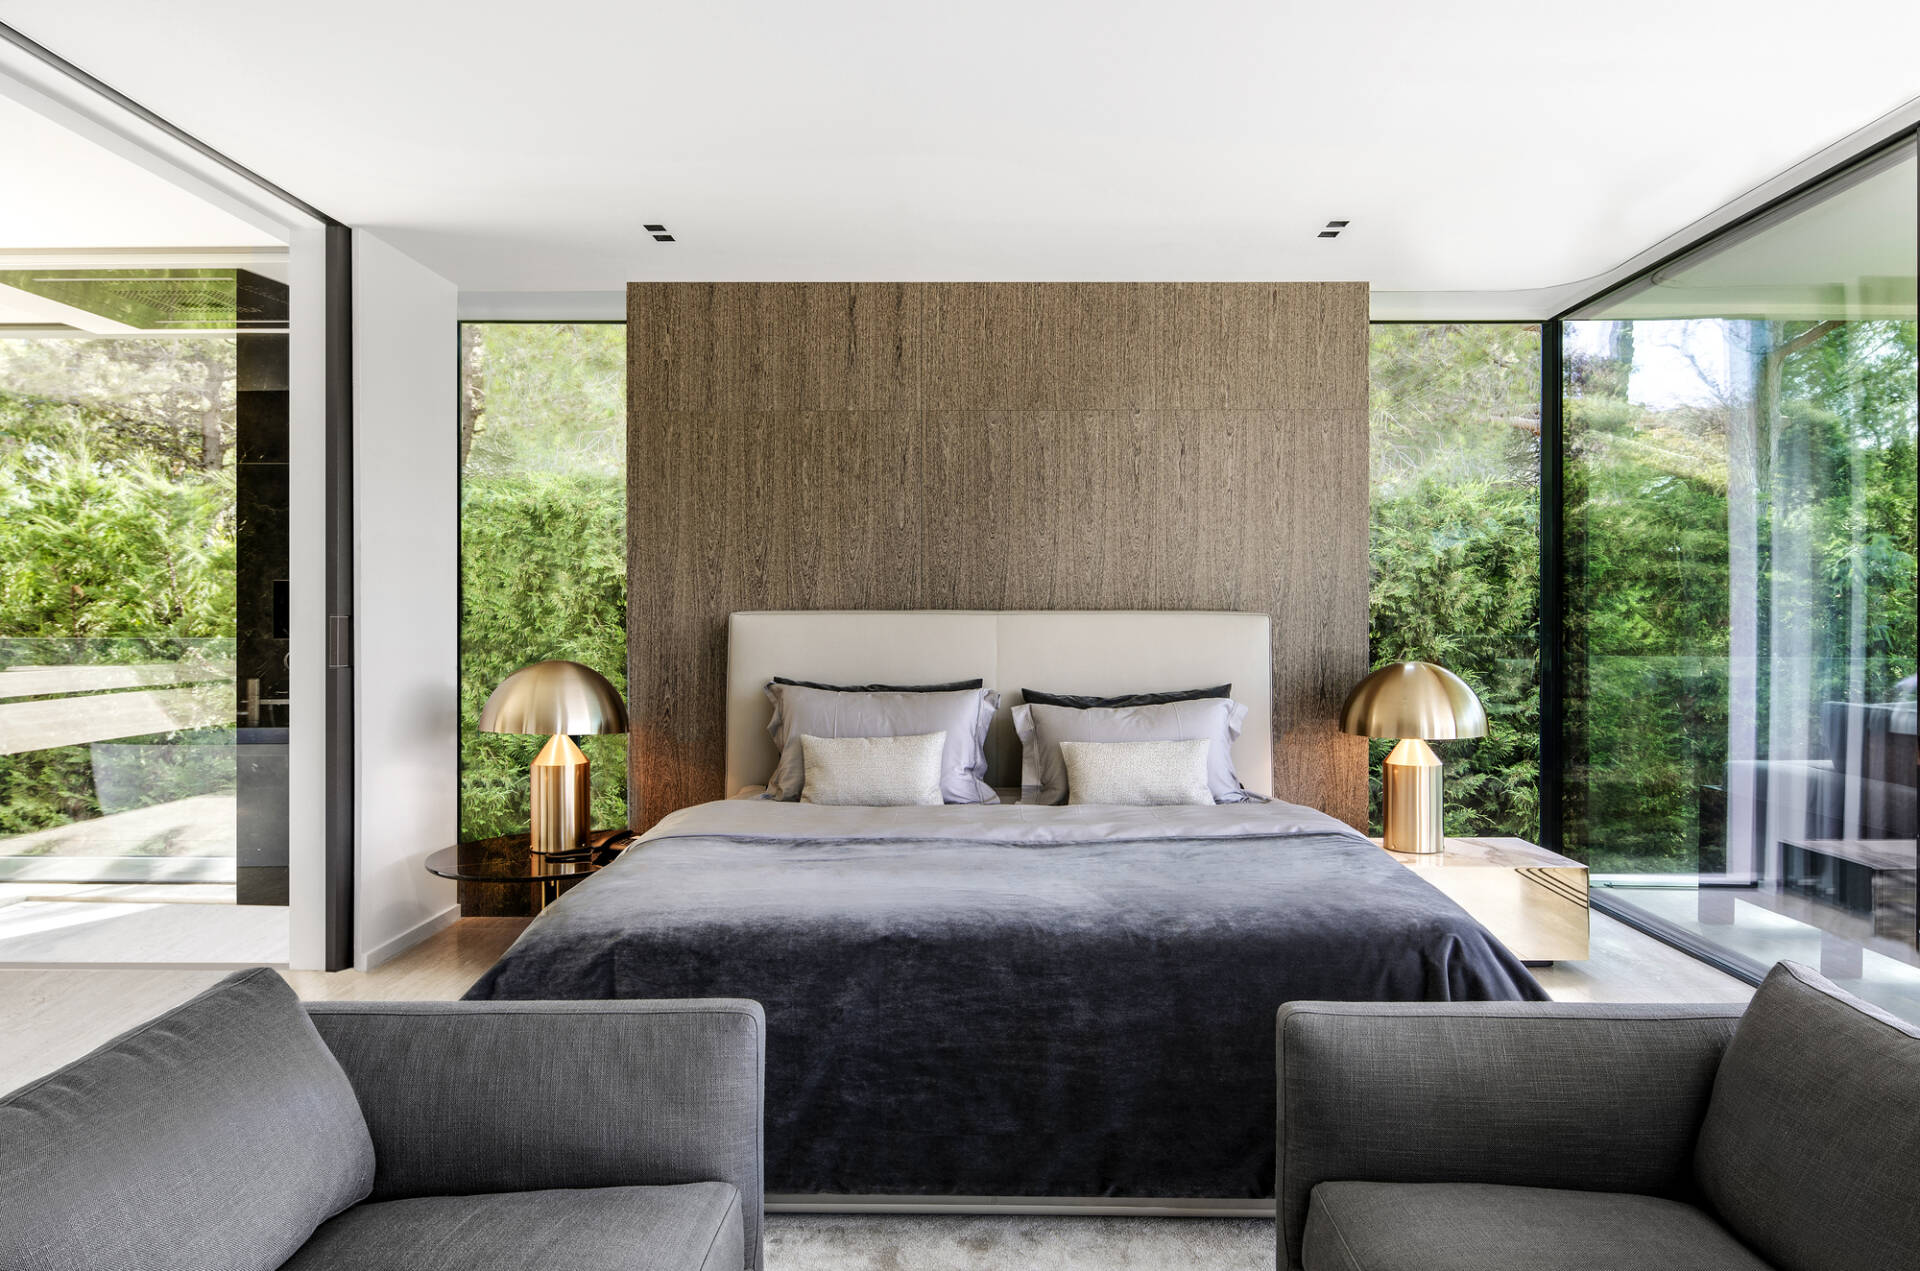 Thiết kế tận dụng tối đa cảnh quan thiên nhiên tạo ra một lối sống sảng khoái giữa trong nhà và ngoài trời